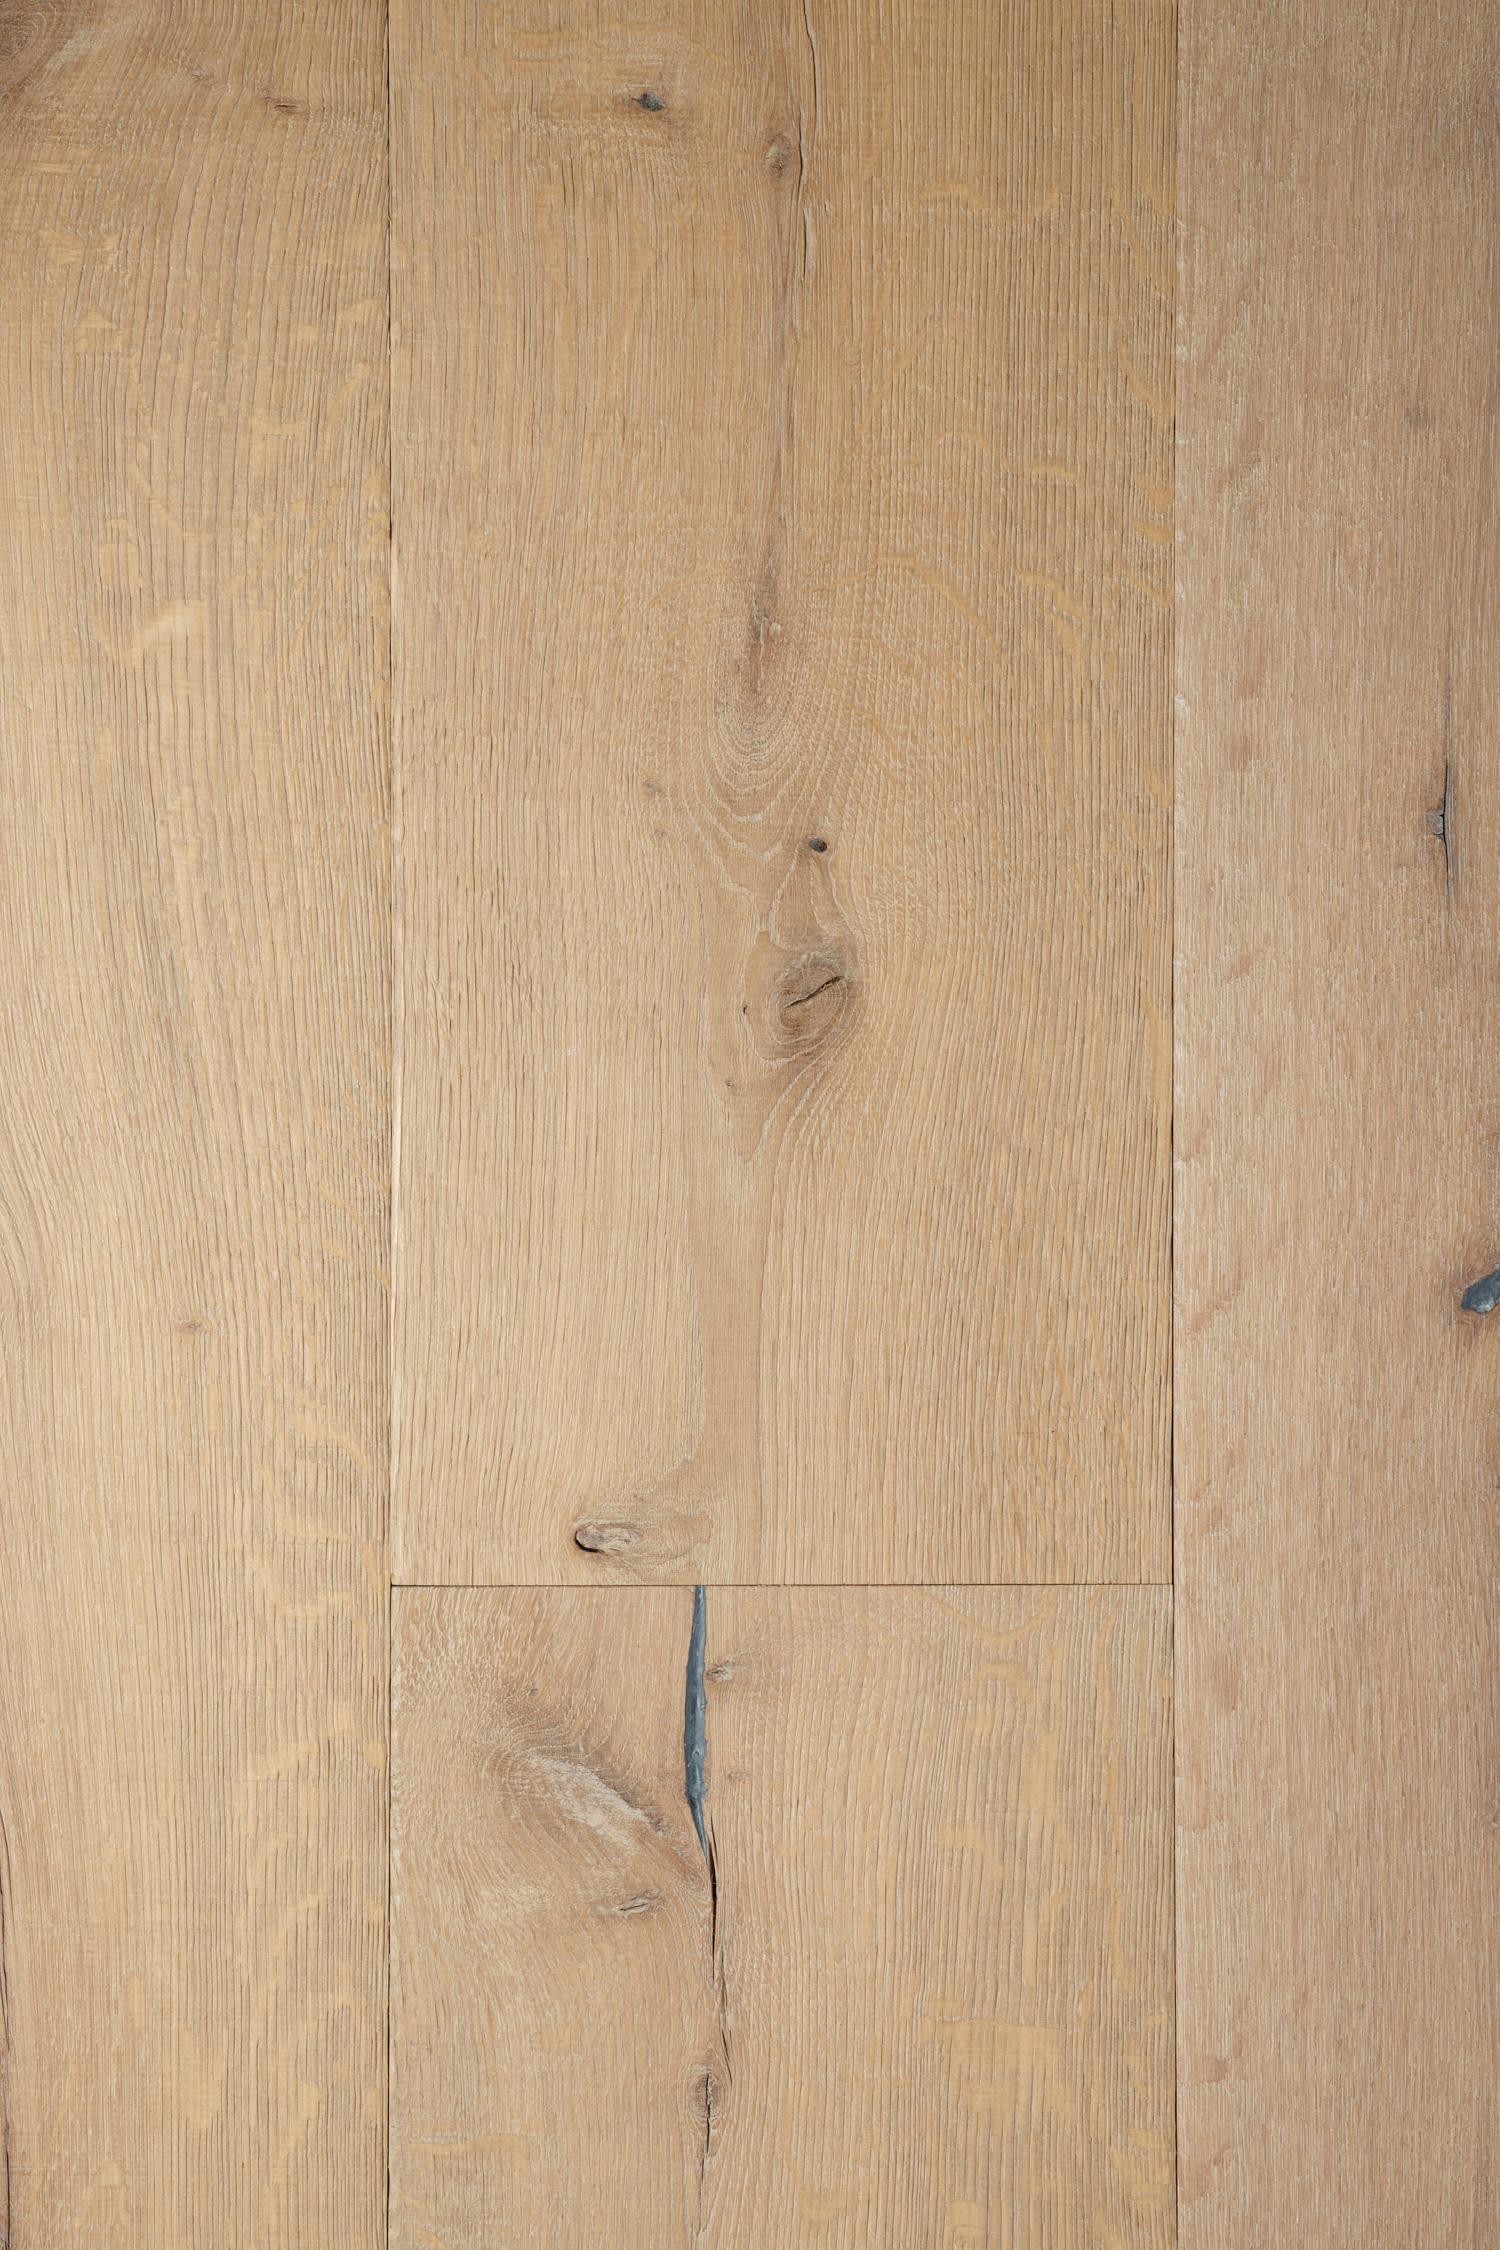 Oak heritage spire plank